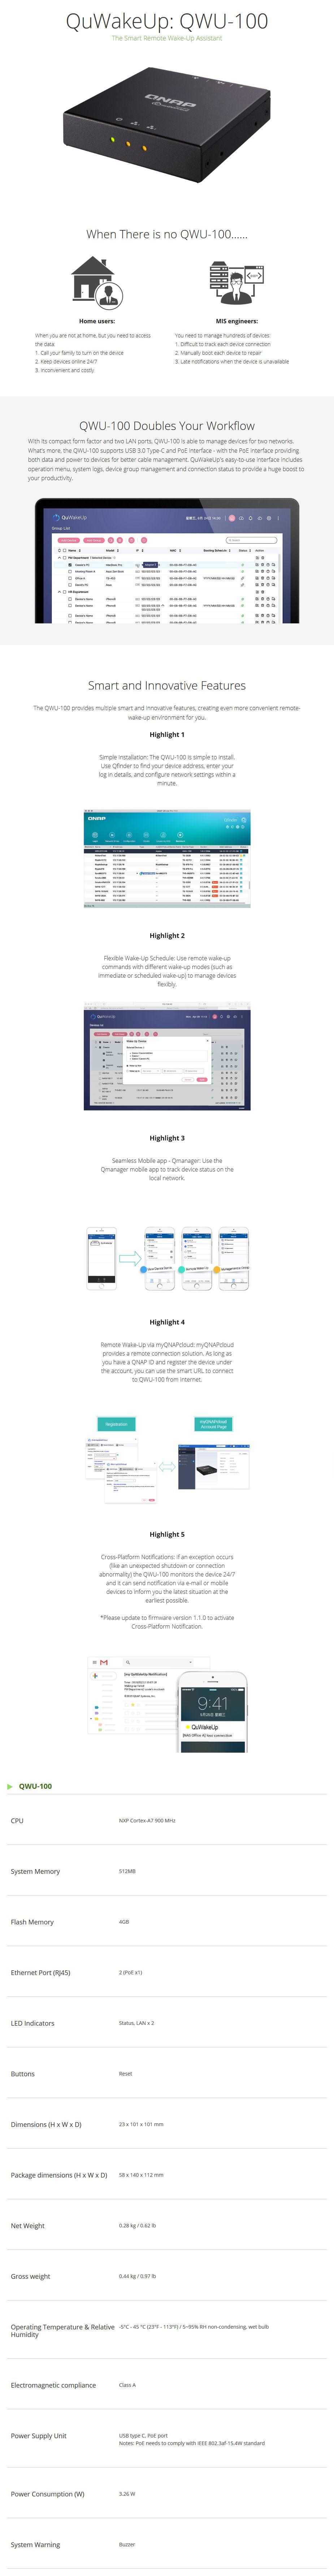 qnap-qwu100-quwakeup-smart-remote-wakeup-assistant-ac31887-5.jpg